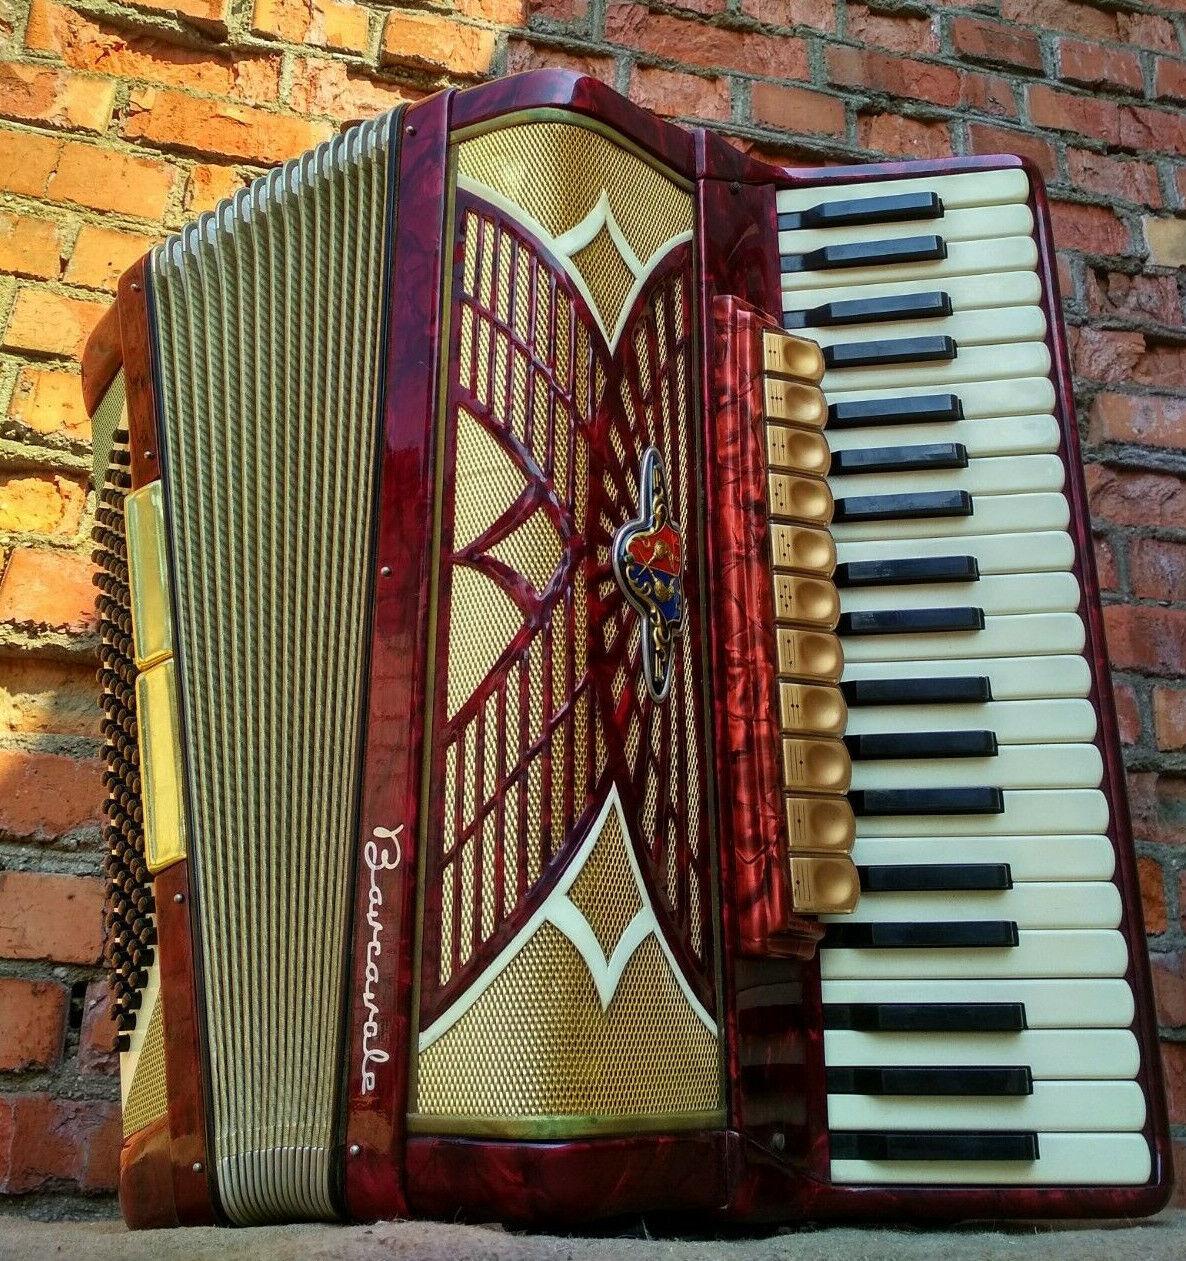 Akkordeon Barcarole 120 Bass Musical Instrument 11 3 Vintage Retro Deutsch